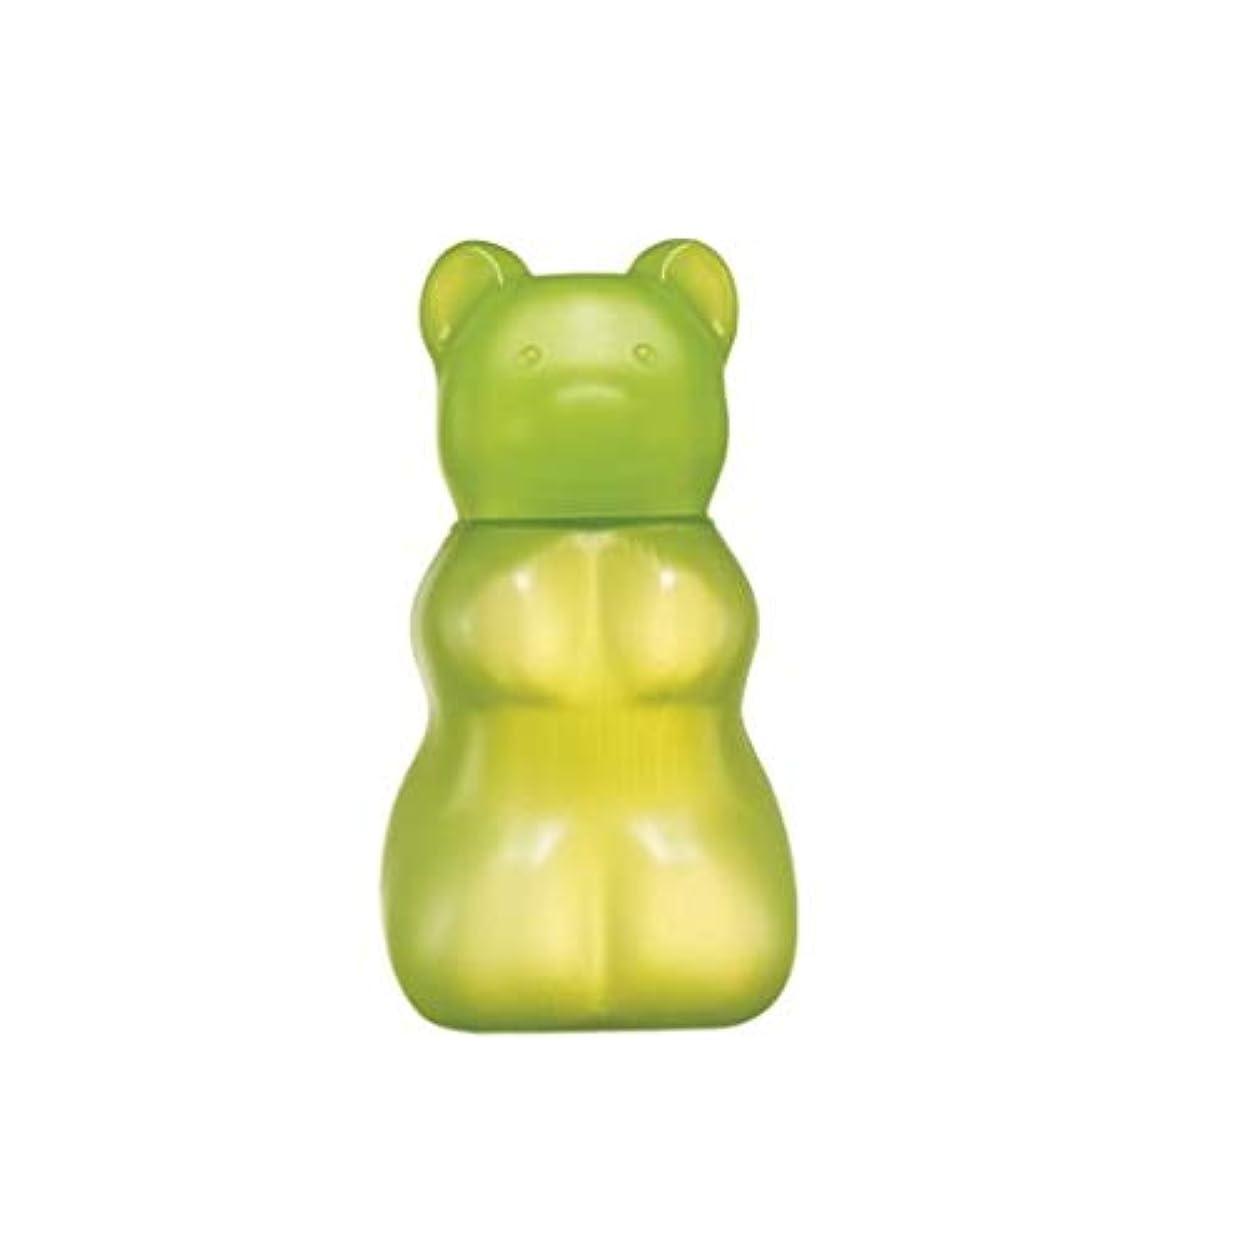 観察するハイランドセブンSkinfood グミベアゼリークリーンジェル(アップル)#キーウィ(ハンドジェル) / Gummy Bear Jelly Clean Gel (Apple) #Kiwi (Hand Gel) 45ml [並行輸入品]